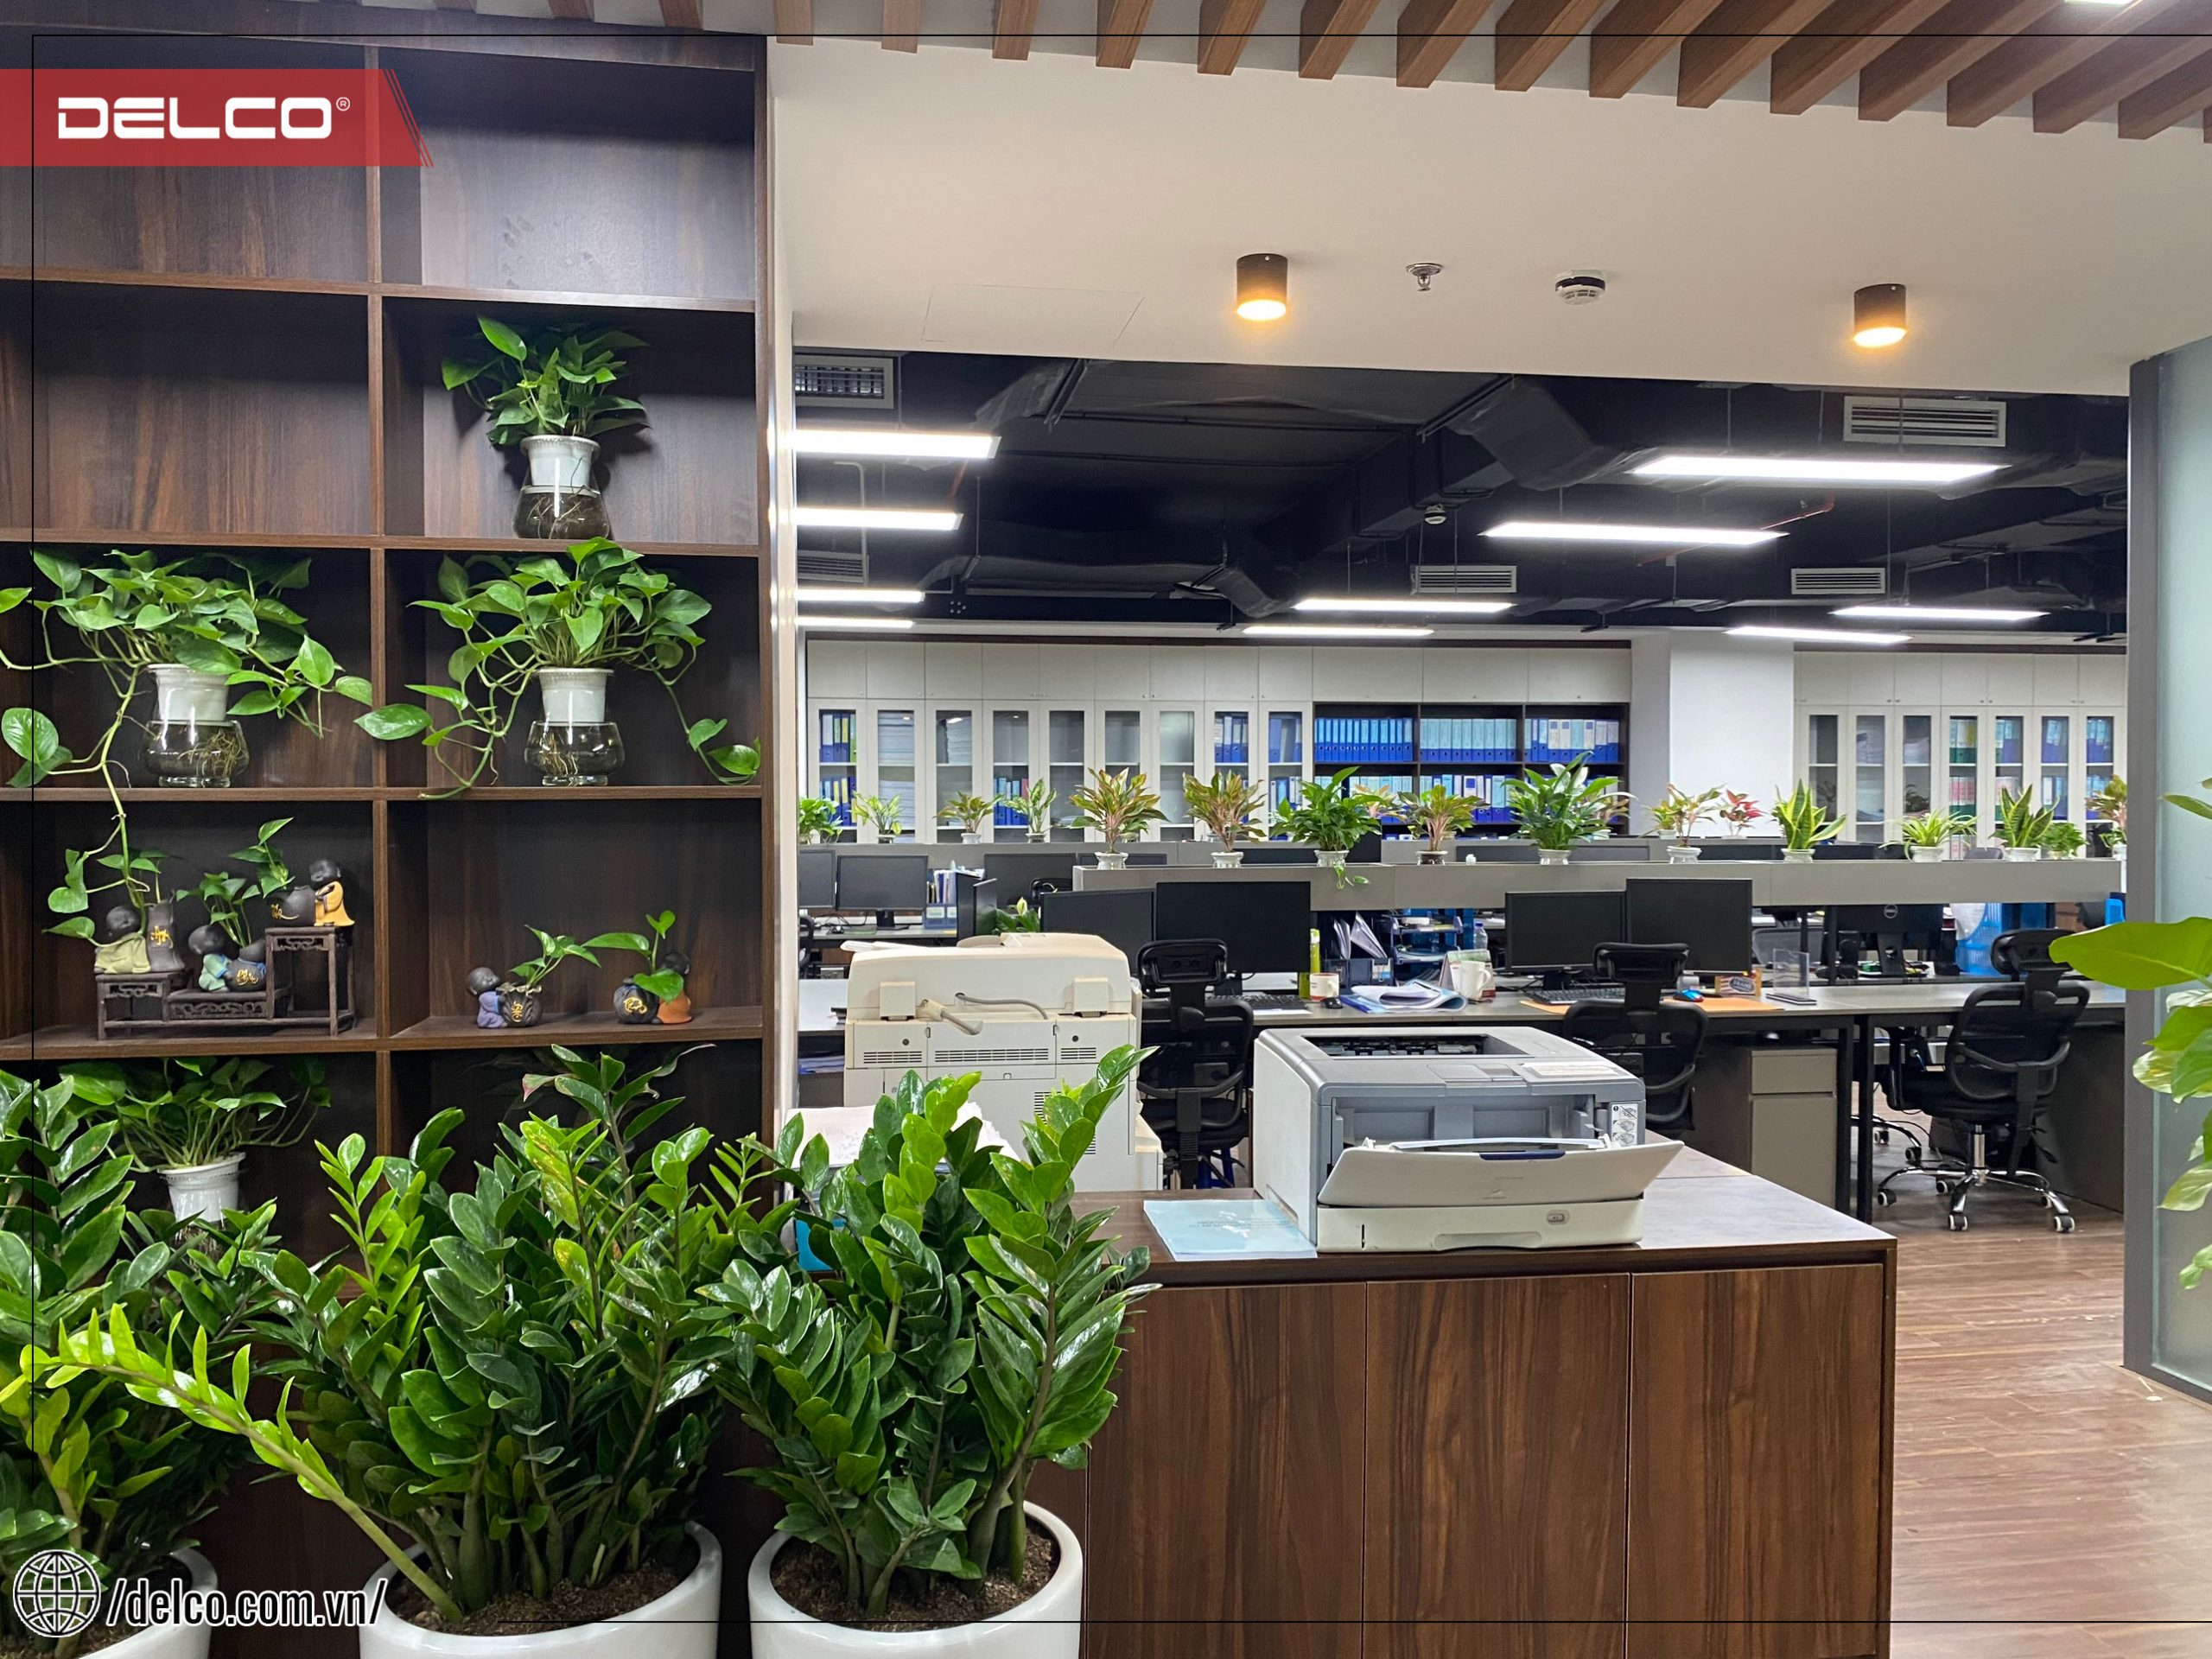 Cây xanh có mặt ở tất cả các không gian trong văn phòng: sảnh chính, phòng họp, phòng tổng giám đốc…, đến bàn làm việc của từng cá nhân.